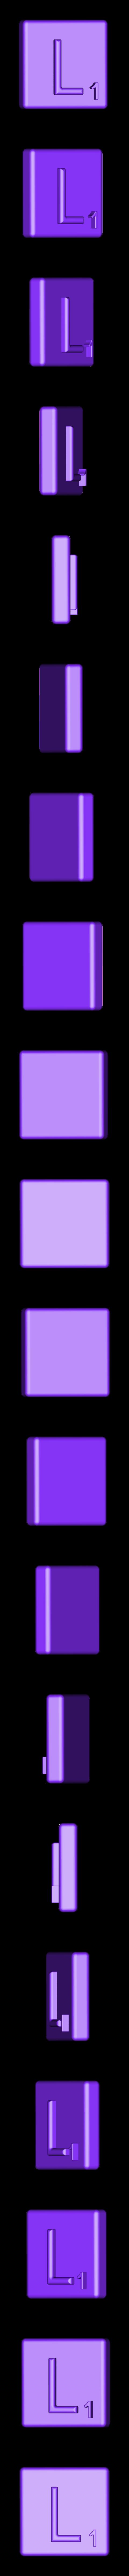 Single_Extruded_L.STL Télécharger fichier STL gratuit Pièces et support SCRABBBLE • Design pour imprimante 3D, Balkhagal4D